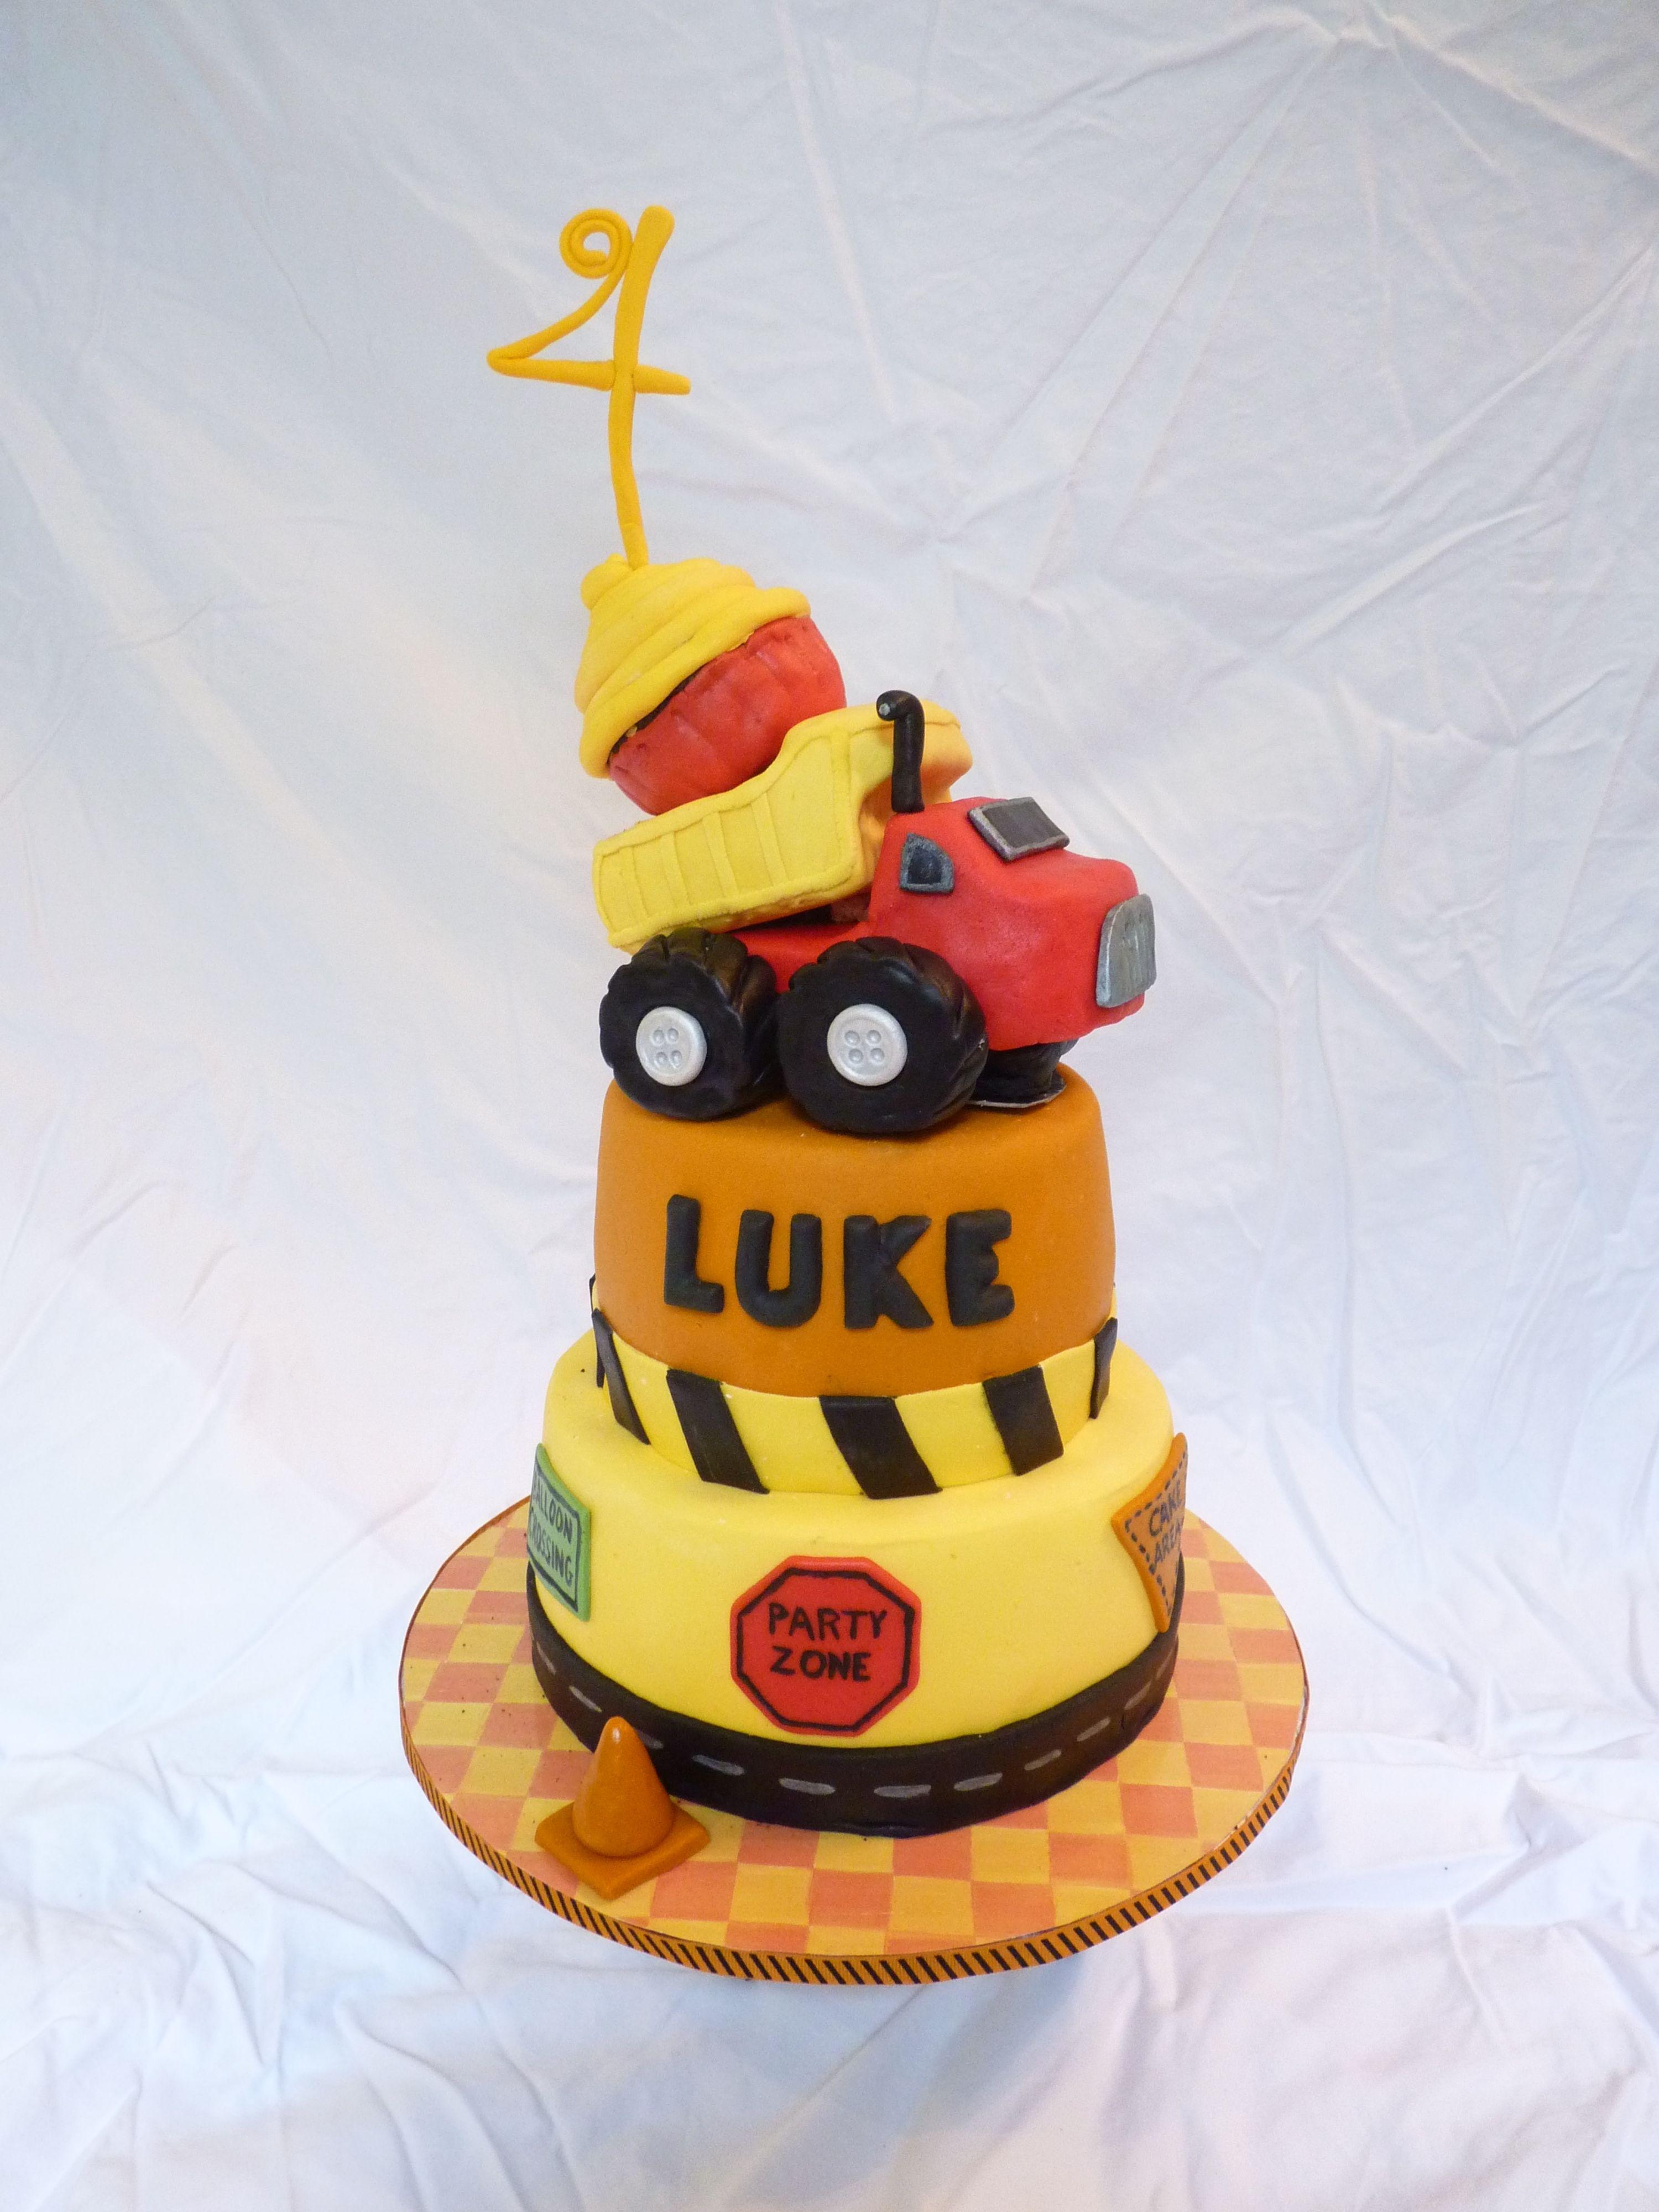 Tonka Themed Dump Truck Cake A Tonka themed dump truck cake made – Tonka Birthday Invitations